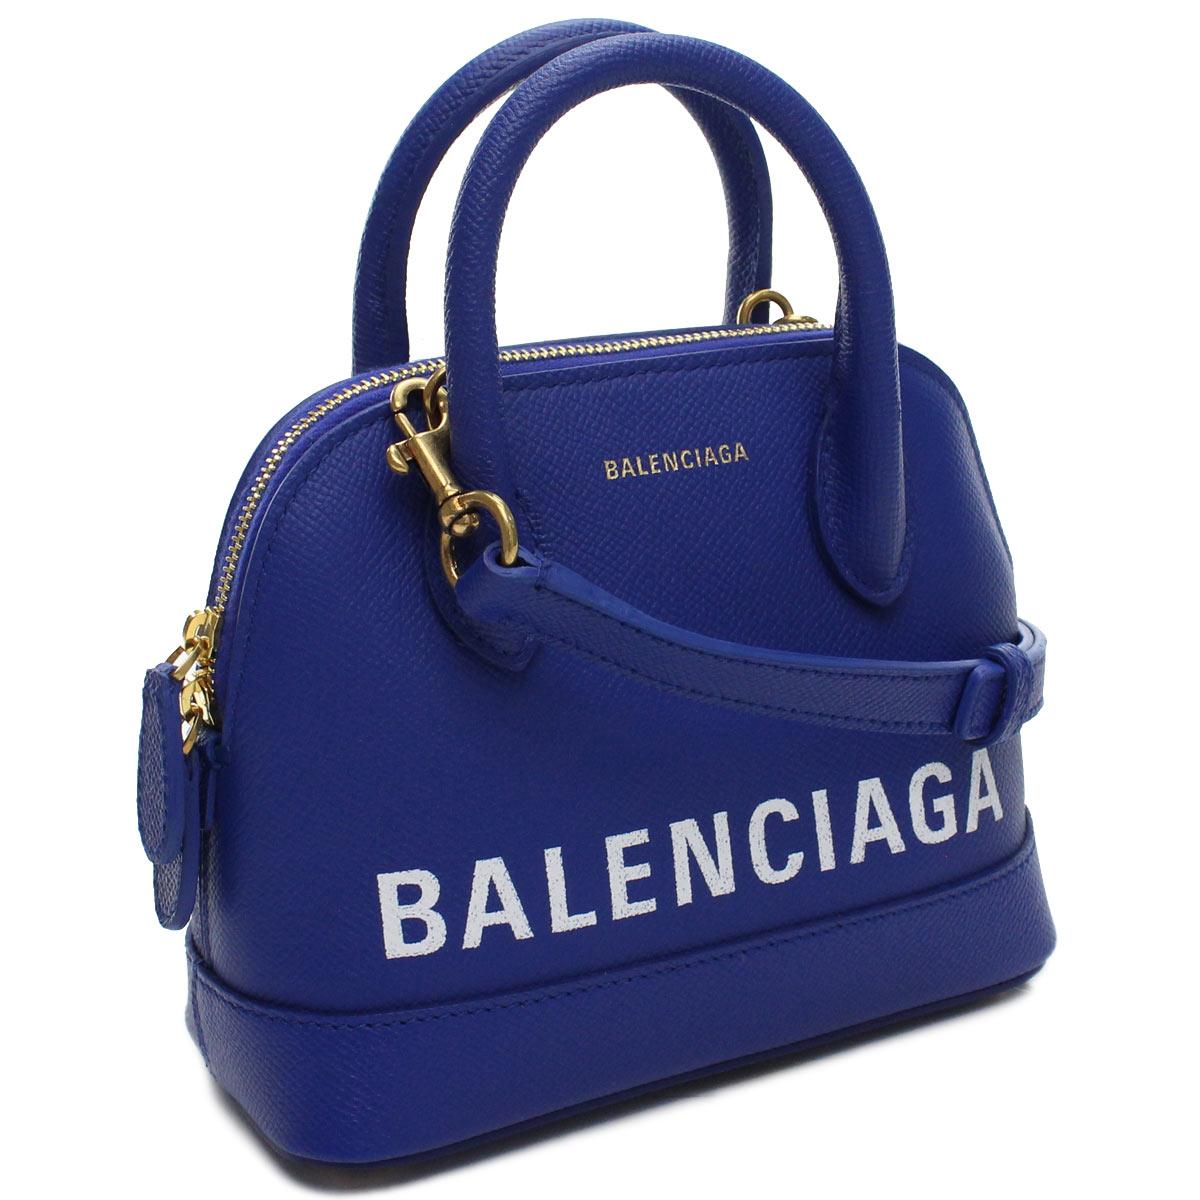 バレンシアガ BALENCIAGA VILLE ヴィル トップハンドル XXS 2way ハンドバッグ 550646 0OTDM 4130 ブルー系 レディース